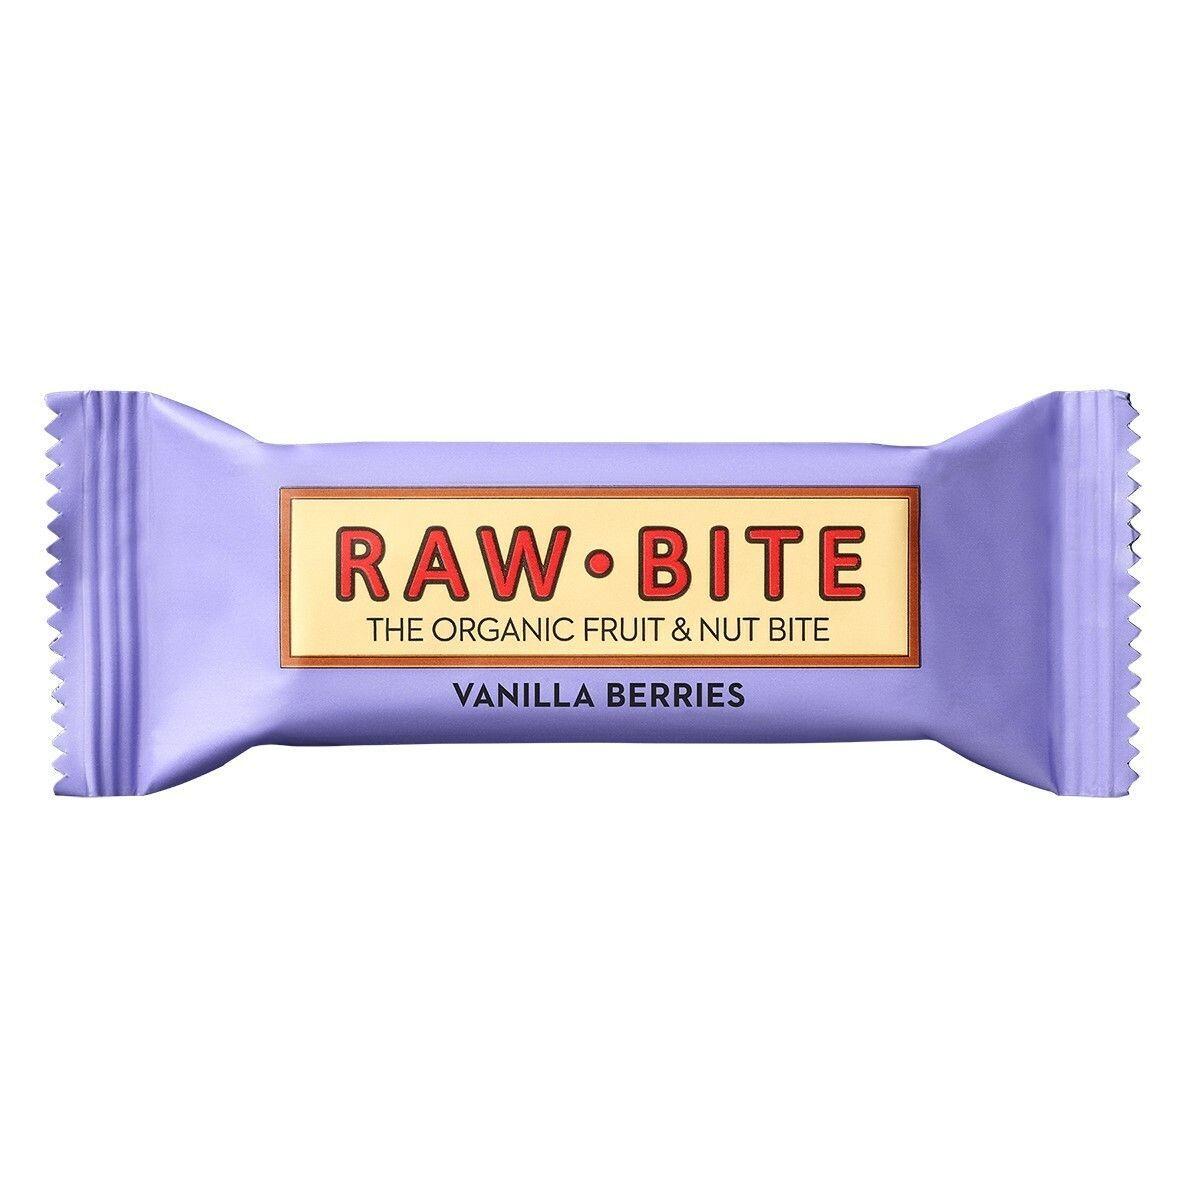 RAW BITE Bio Barres Baies de vanille g Barre